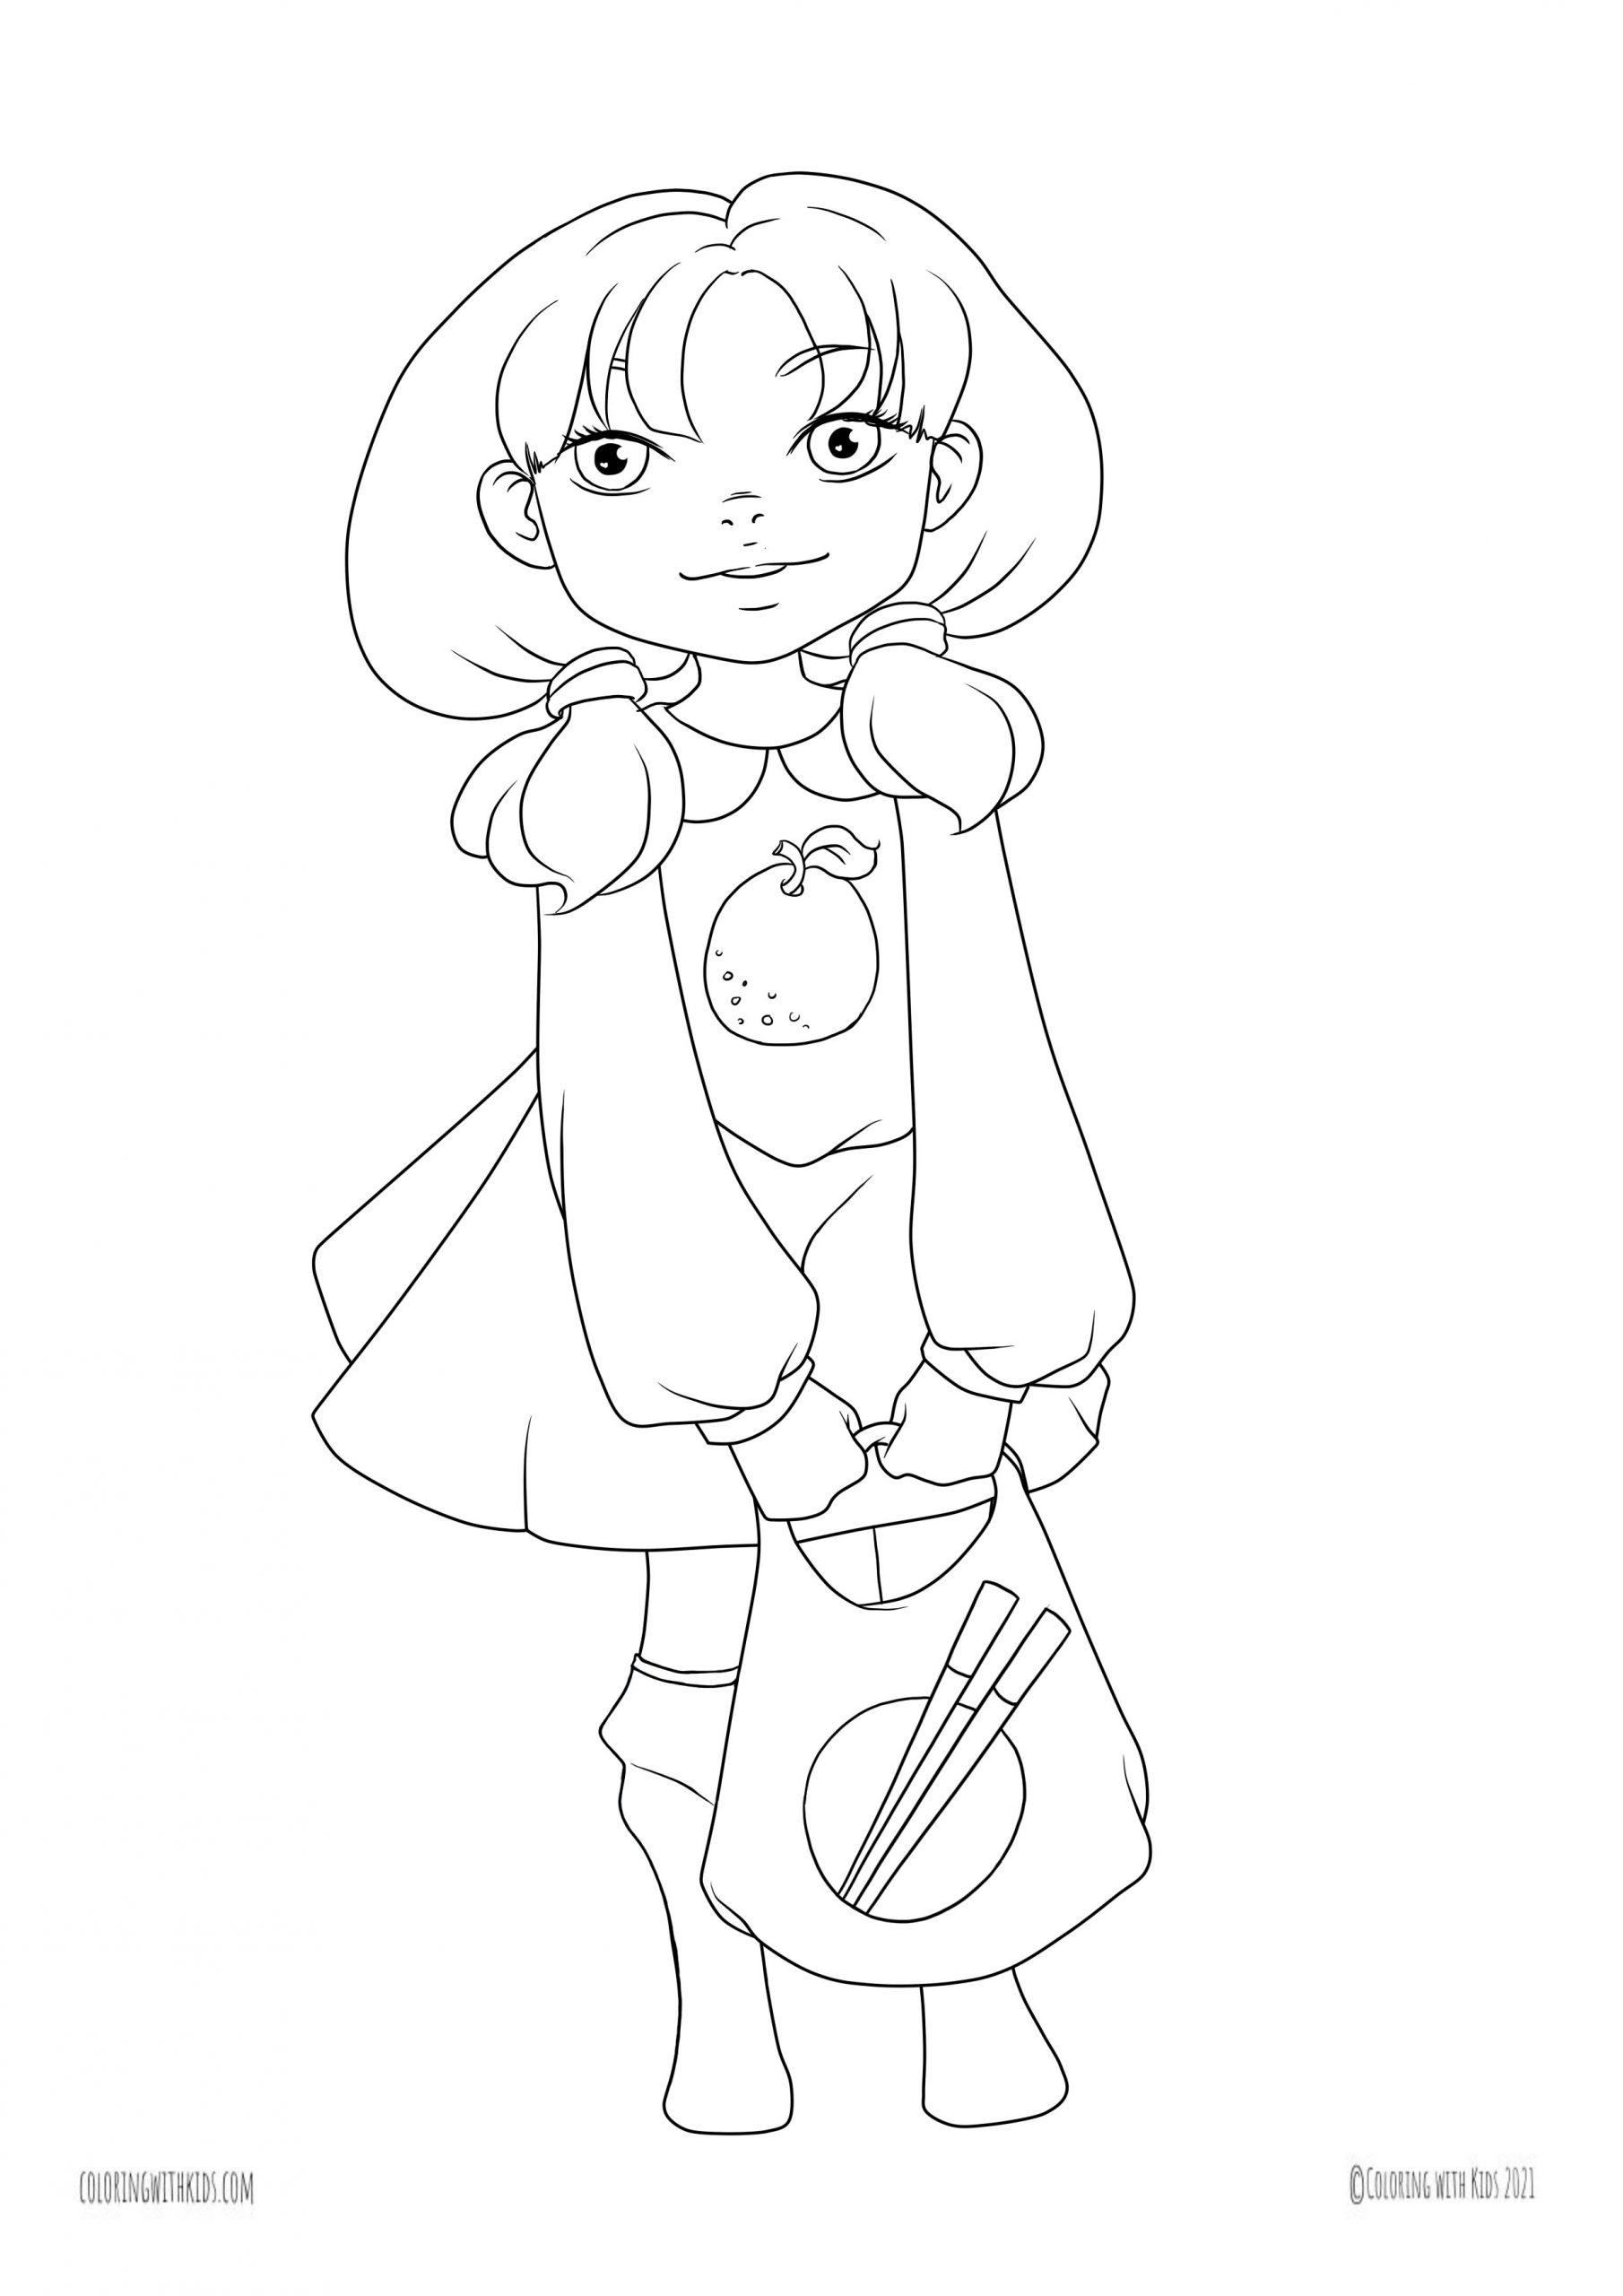 Kawaii girl Coloring Page